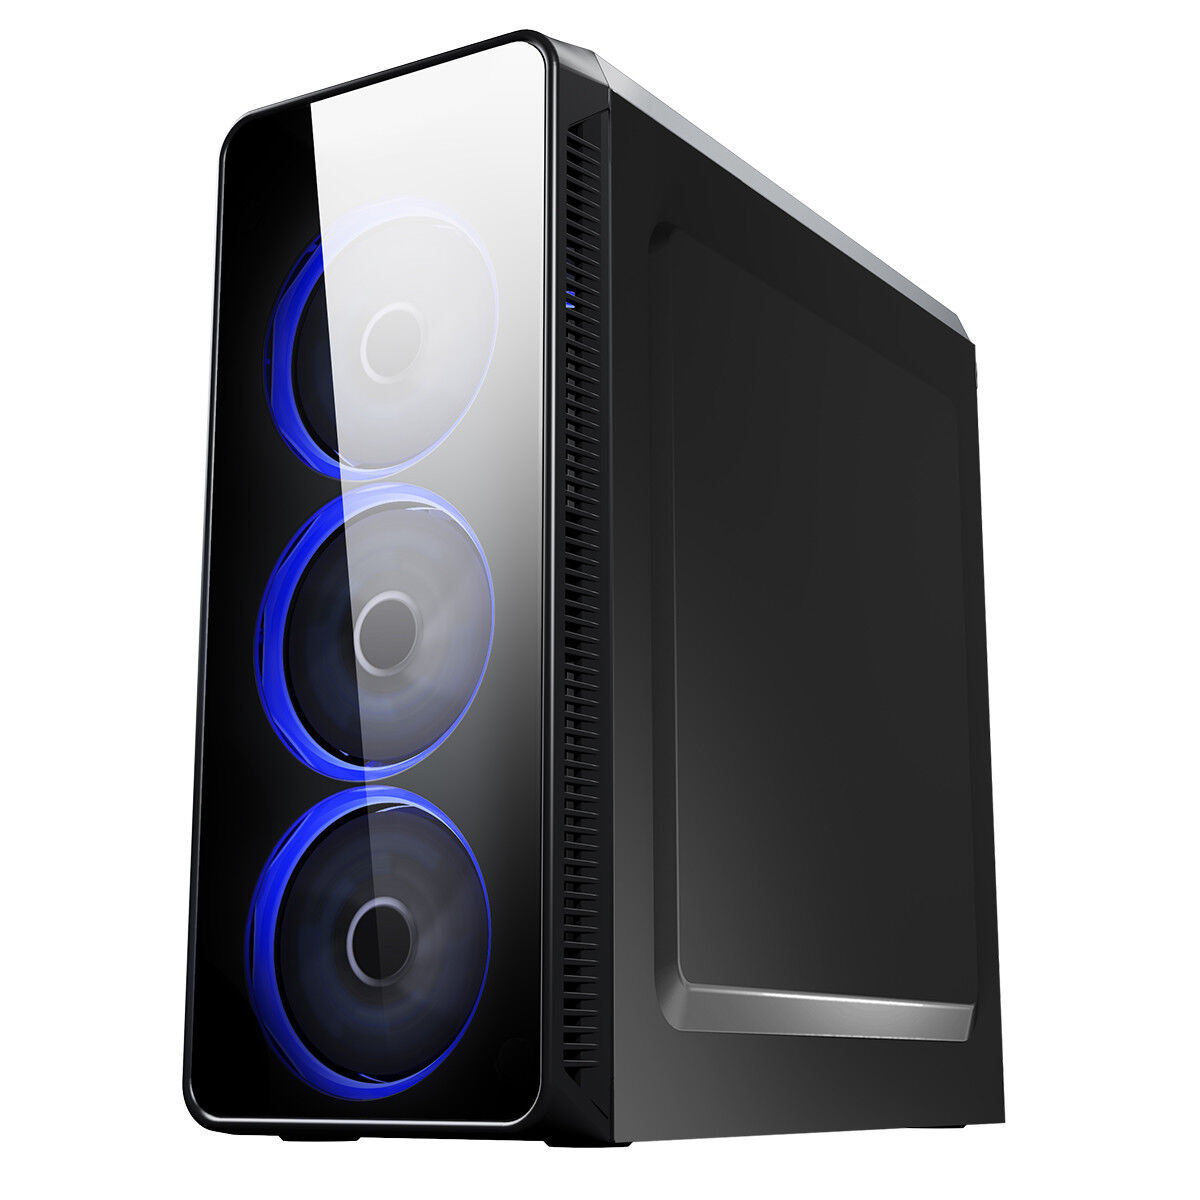 Computer Games - Mega Fast AMD 4.2 Quad Core 8GB 1TB USB3 Gaming PC Computer HD Graphics BLAZE